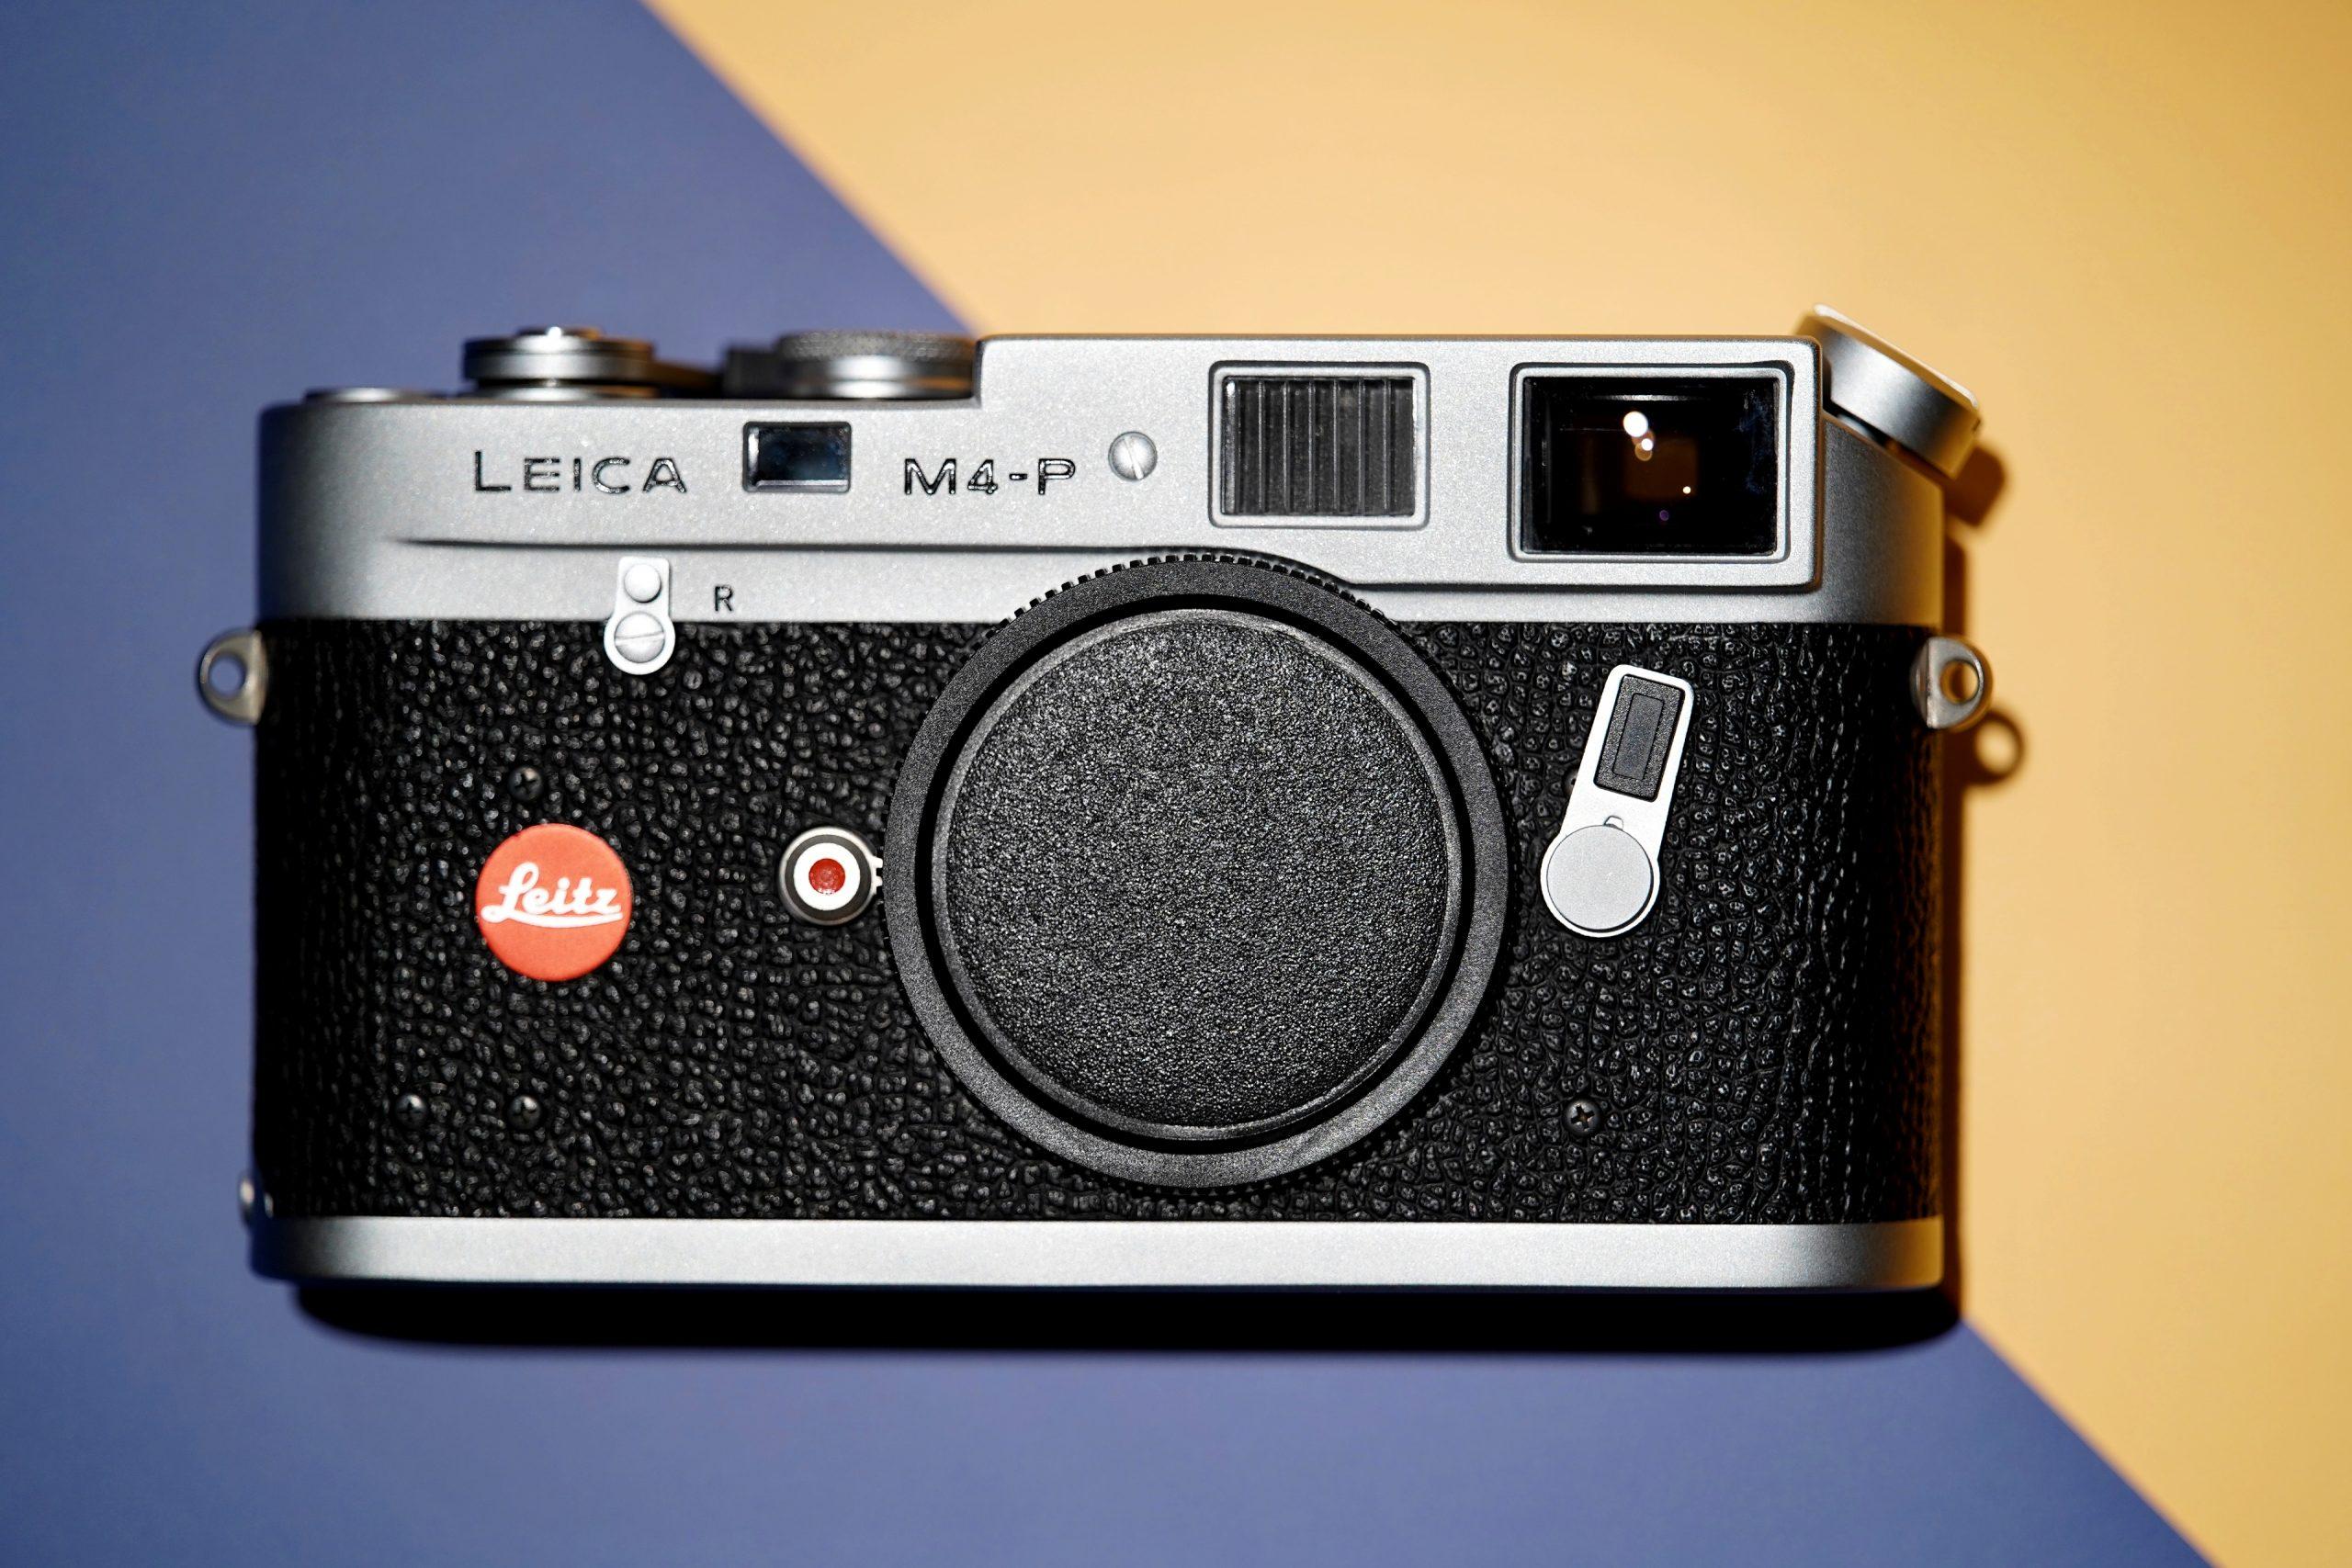 【Premium Collection】Leica M4-P 70jahre